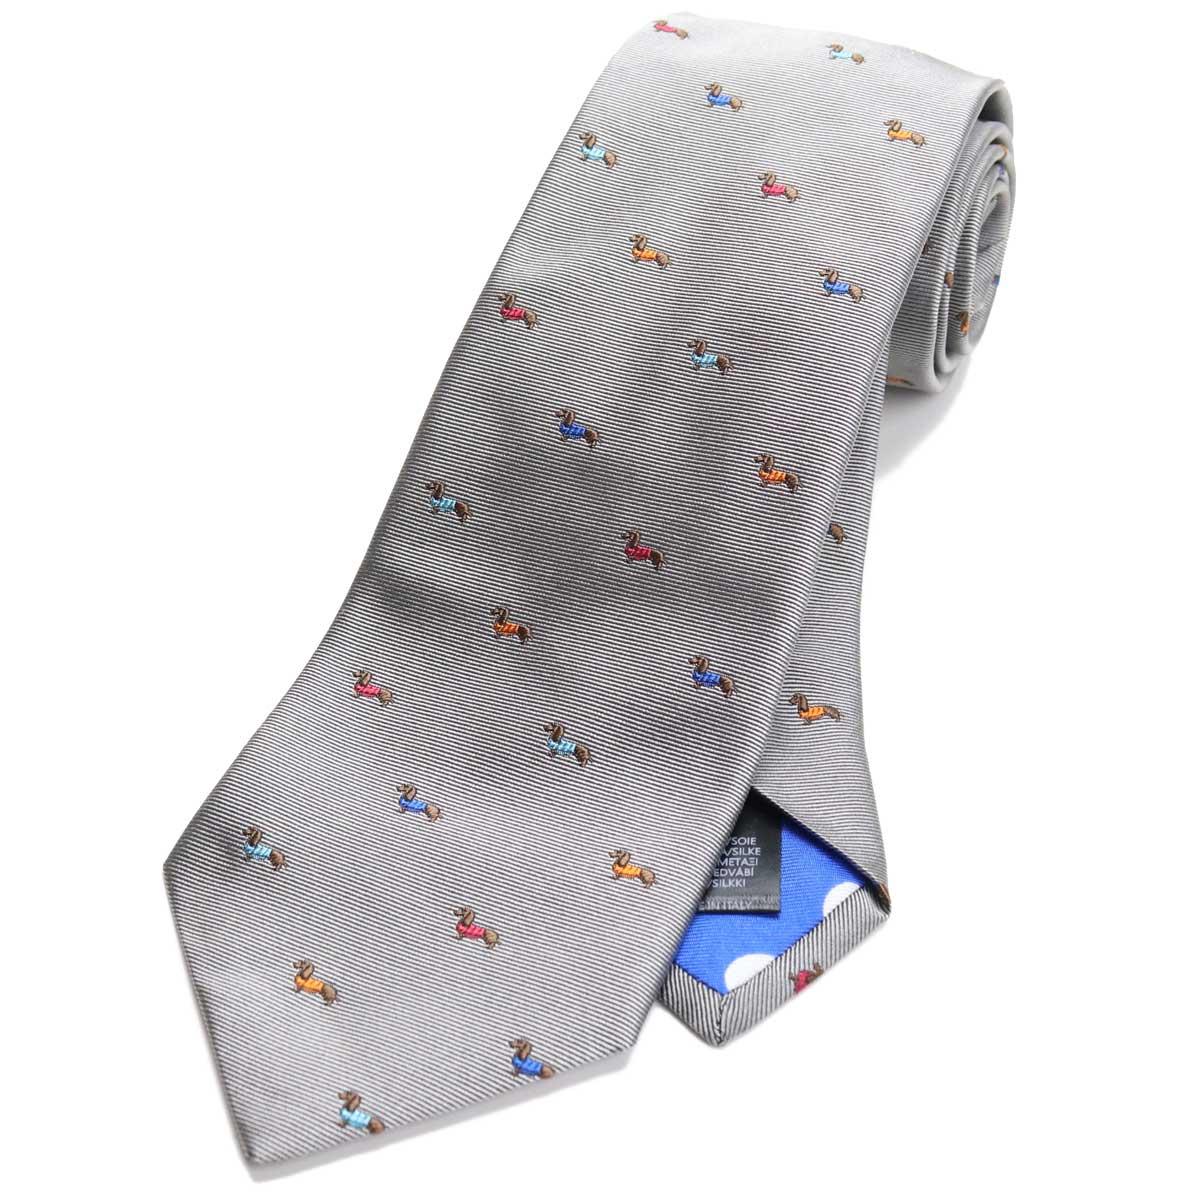 ポール スミス Paul Smith ドッグ刺繍 ネクタイ レギュラータイ M1A552M ALUE31 70 グレー系 マルチカラー 【メンズ】